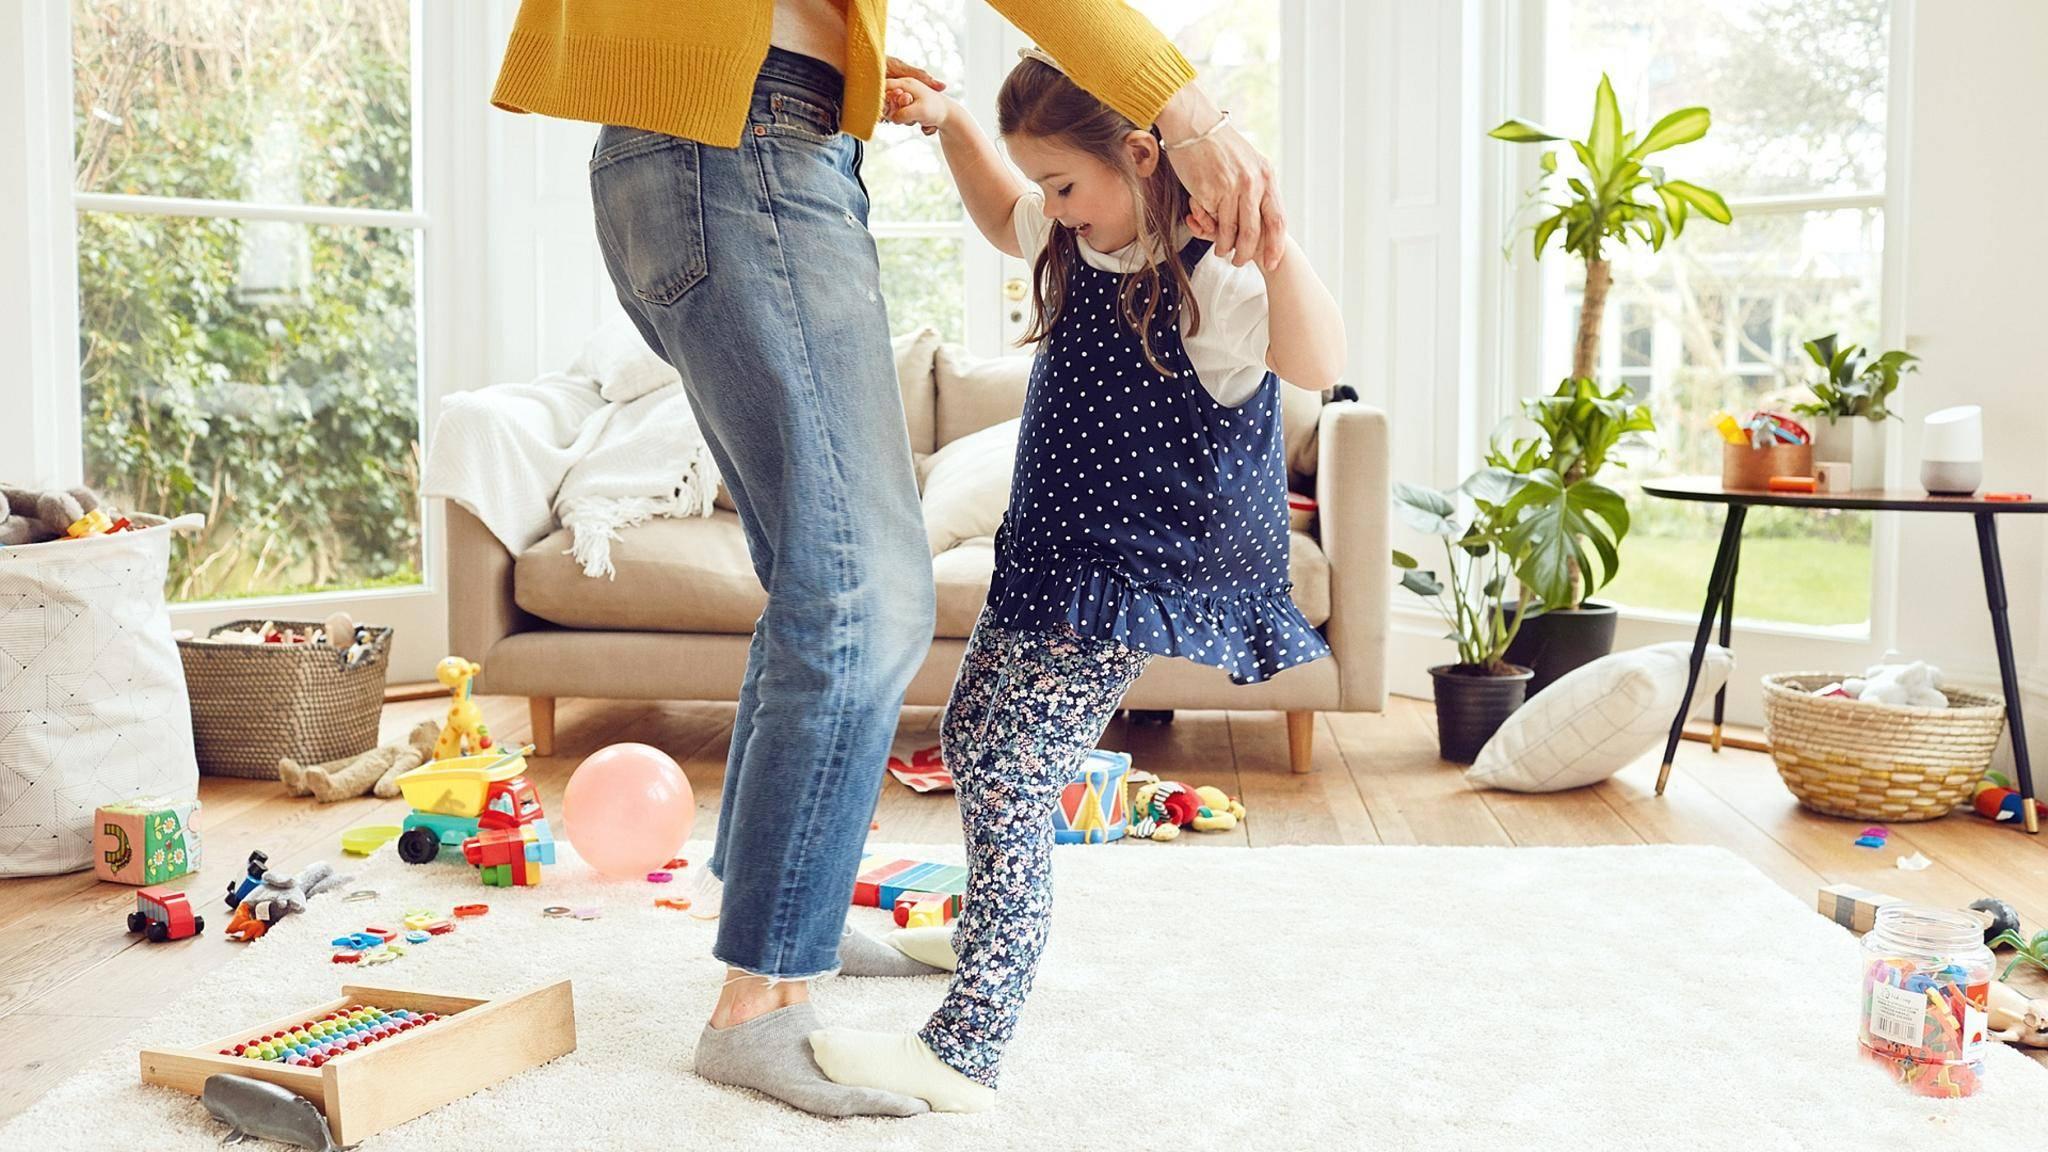 Zeit zum Tanzen: Mama und Tochter wagen große Schritte, Google Home liefert den passenden Sound.